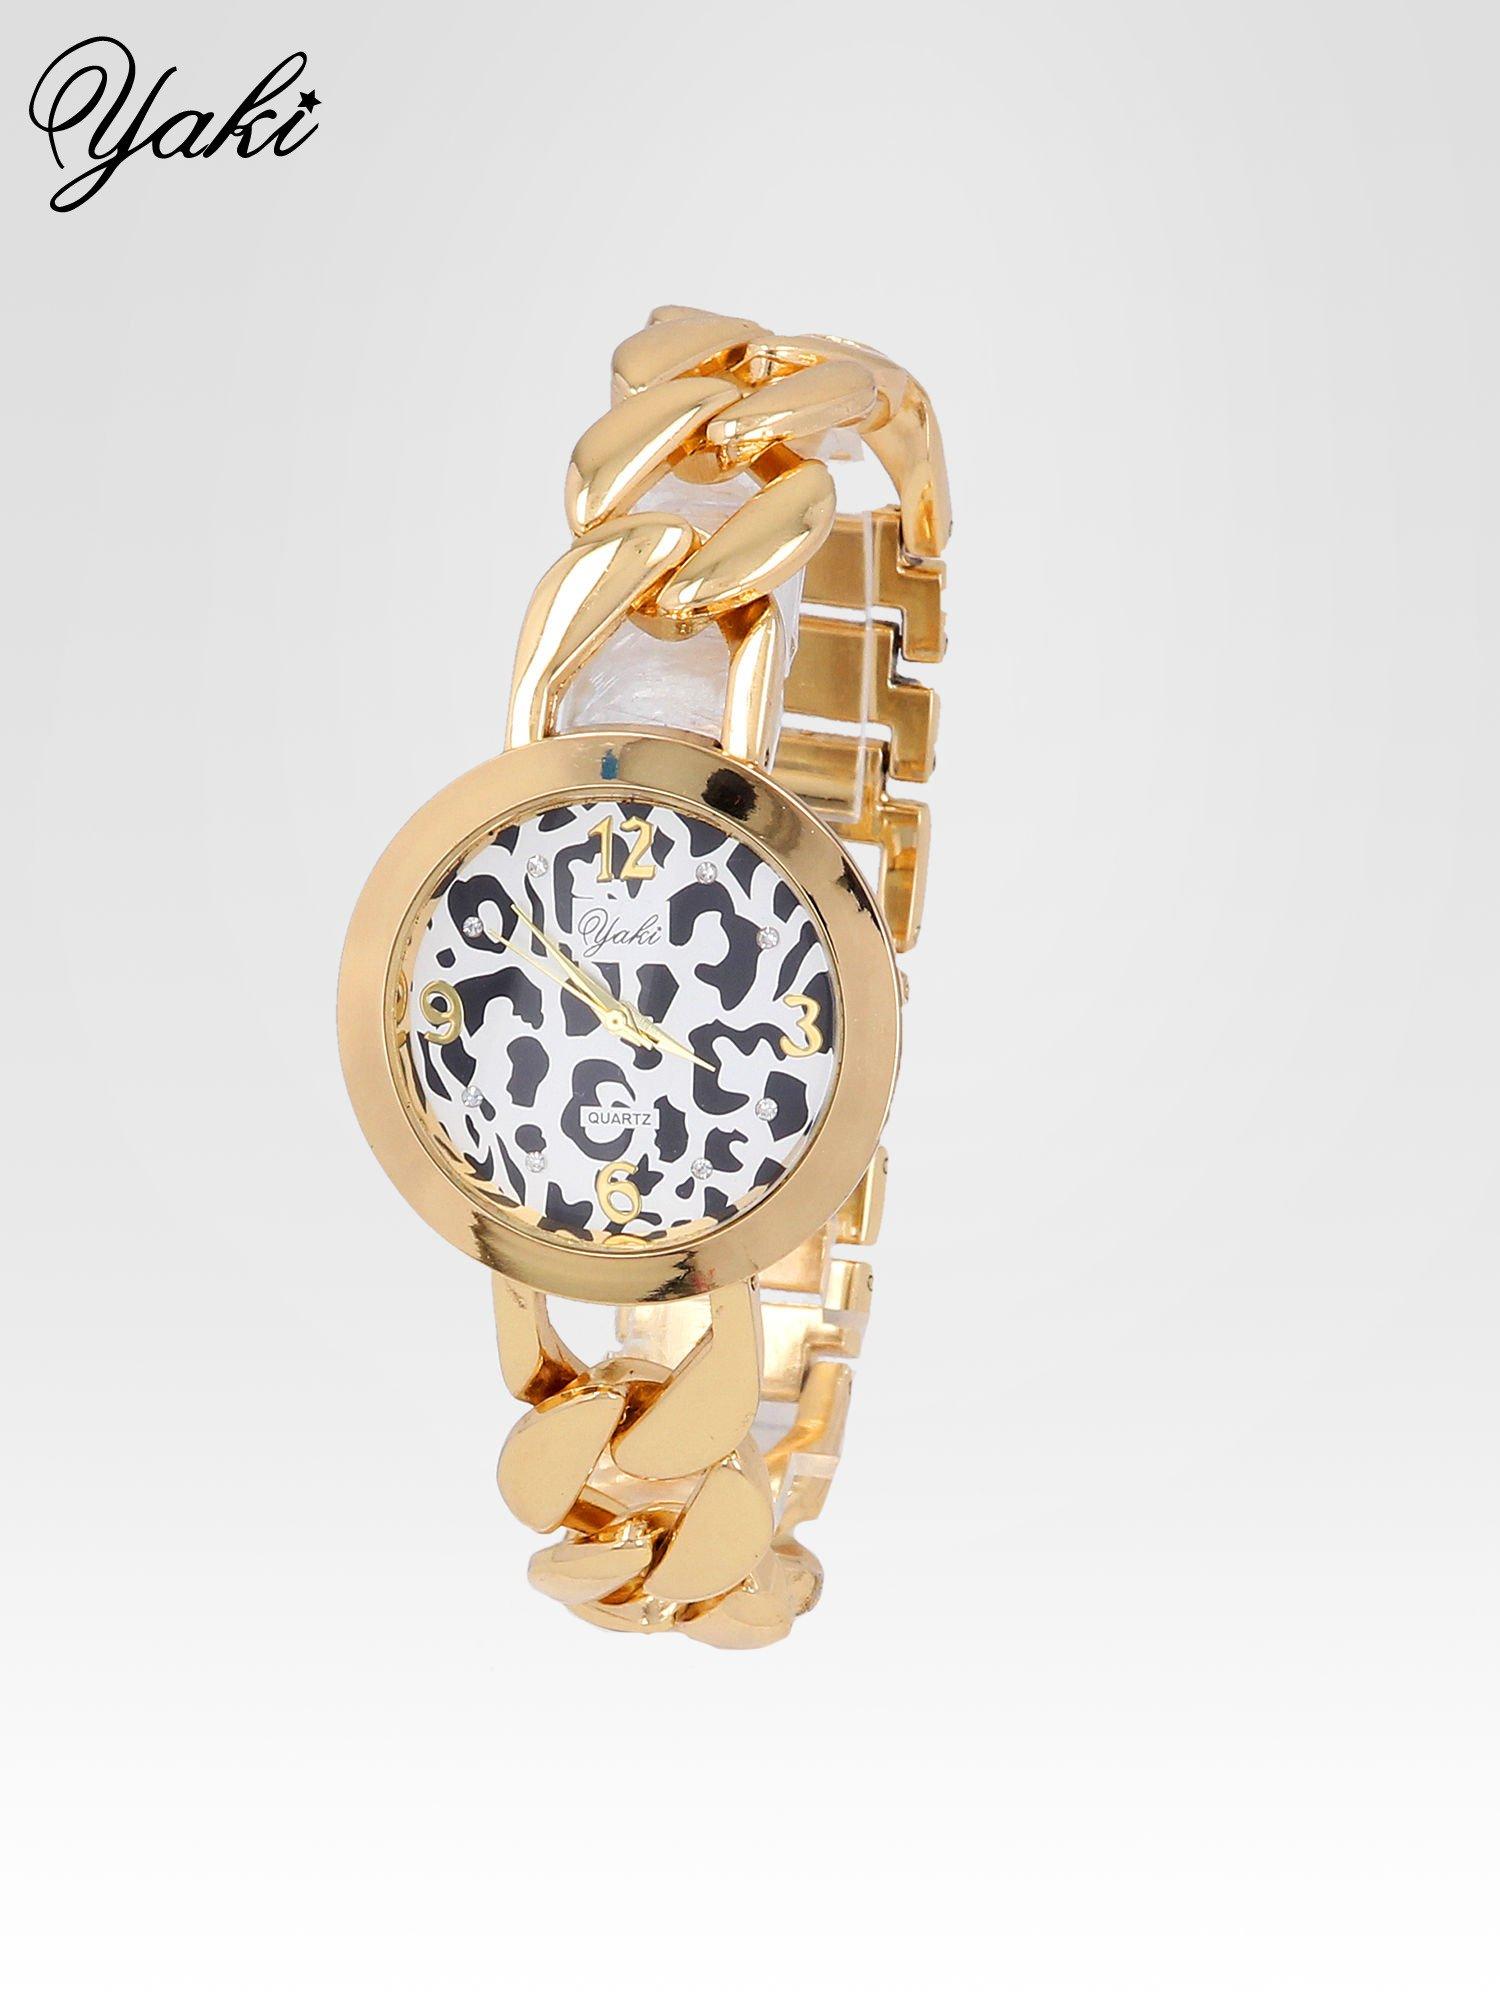 Zegarek damski z motywem leopard print na bransolecie ze złota                                  zdj.                                  2